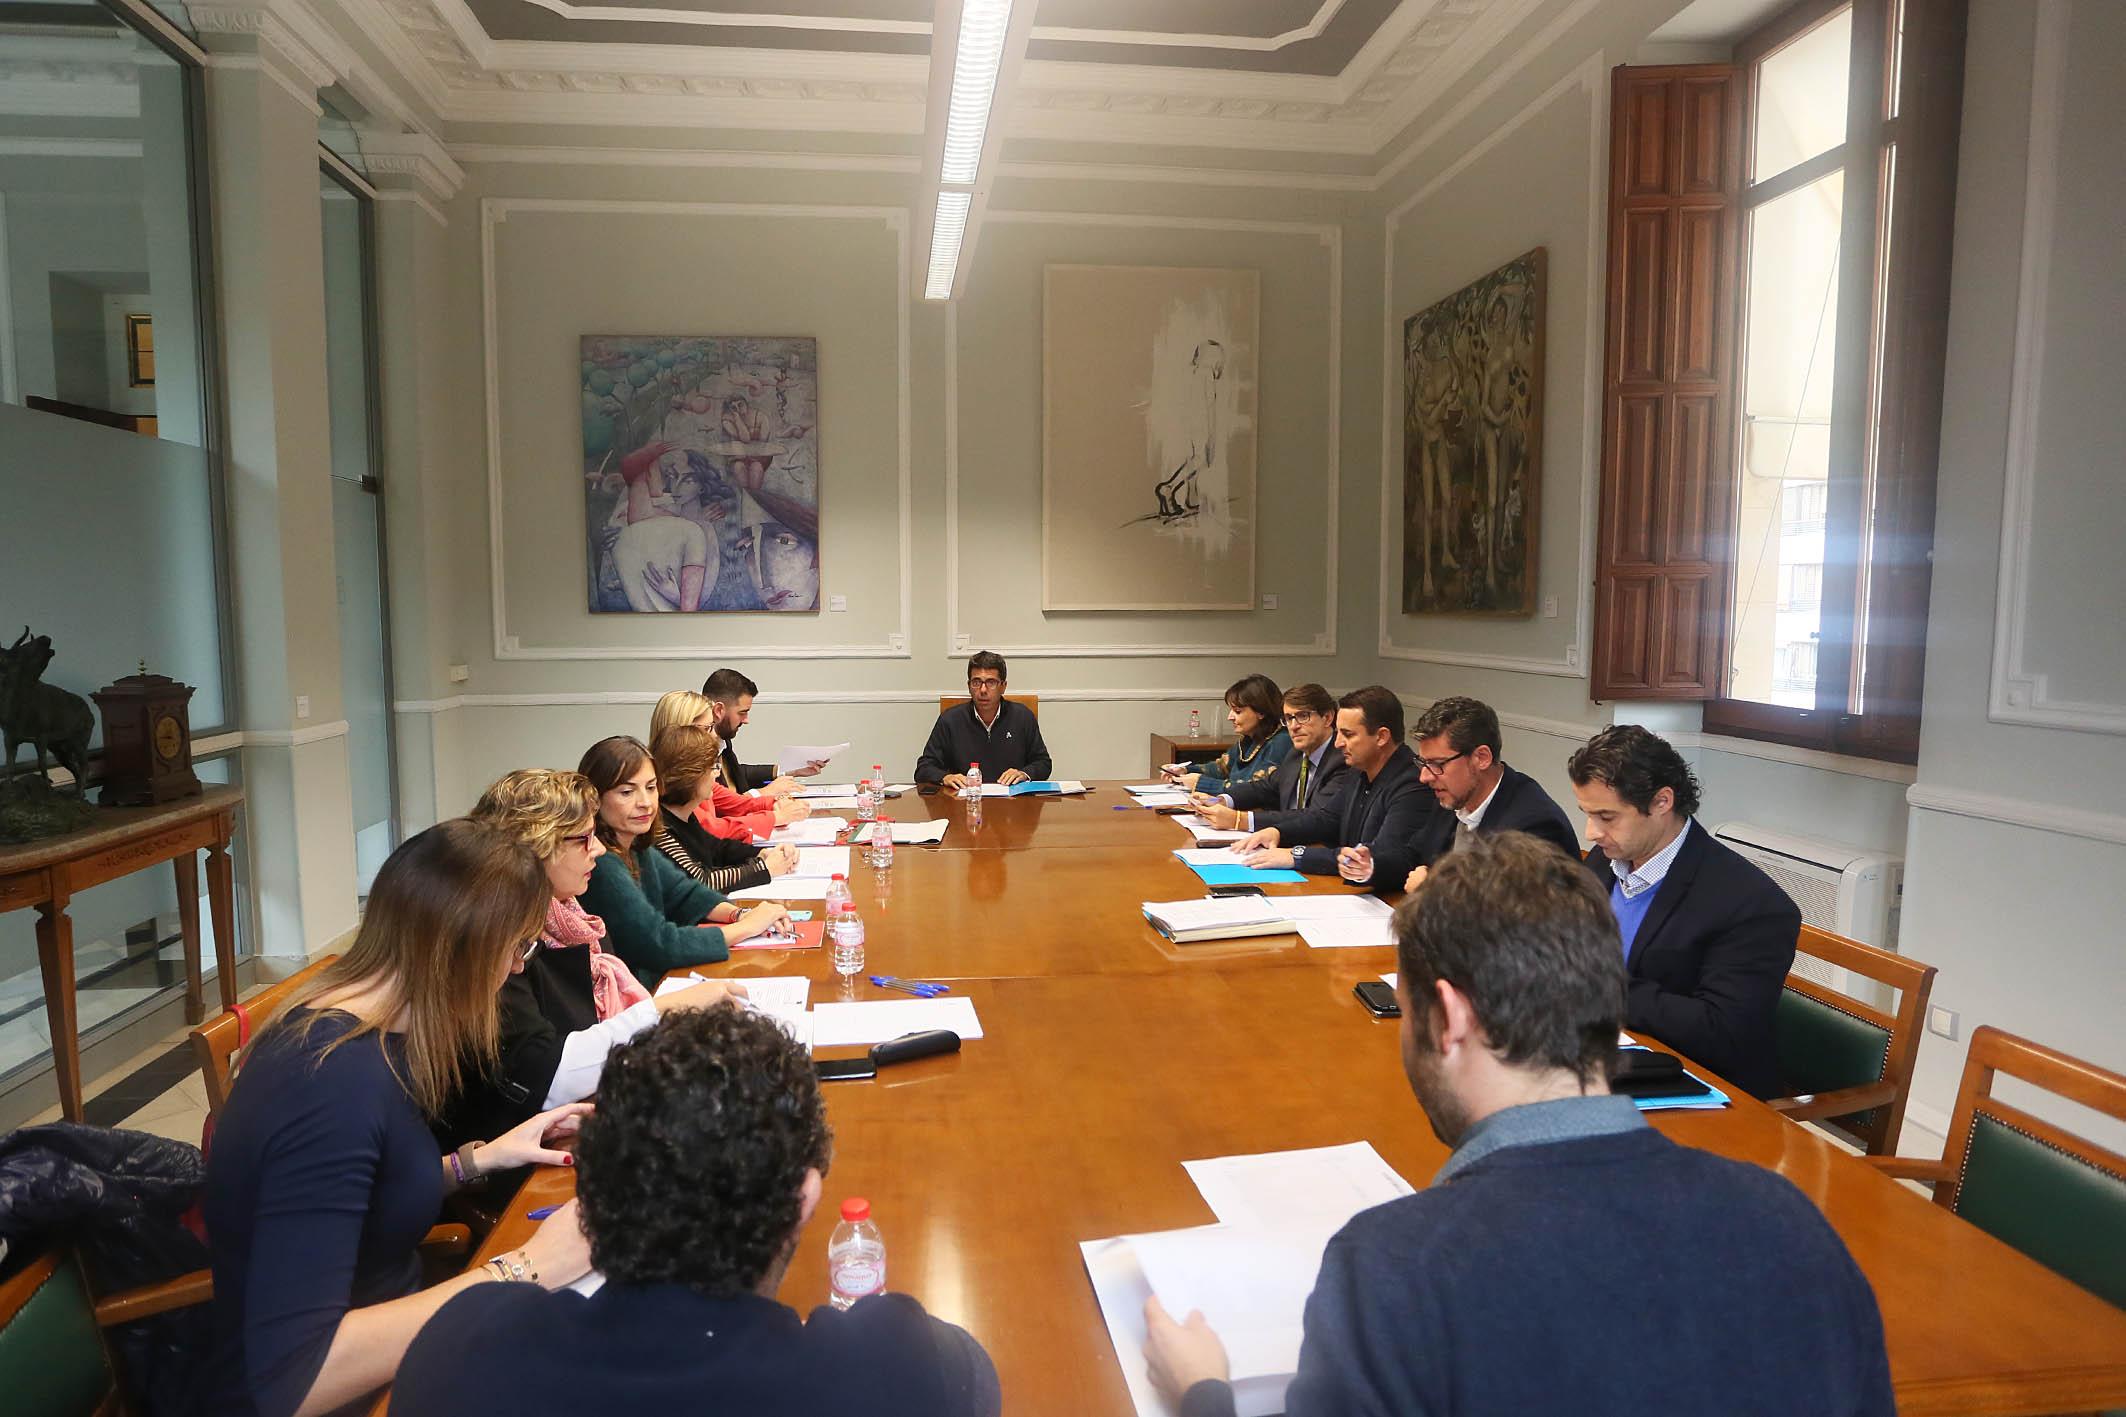 El Patronato Costa Blanca activa una nueva estrategia para que más ayuntamientos y entidades accedan a las ayudas de promoción turística